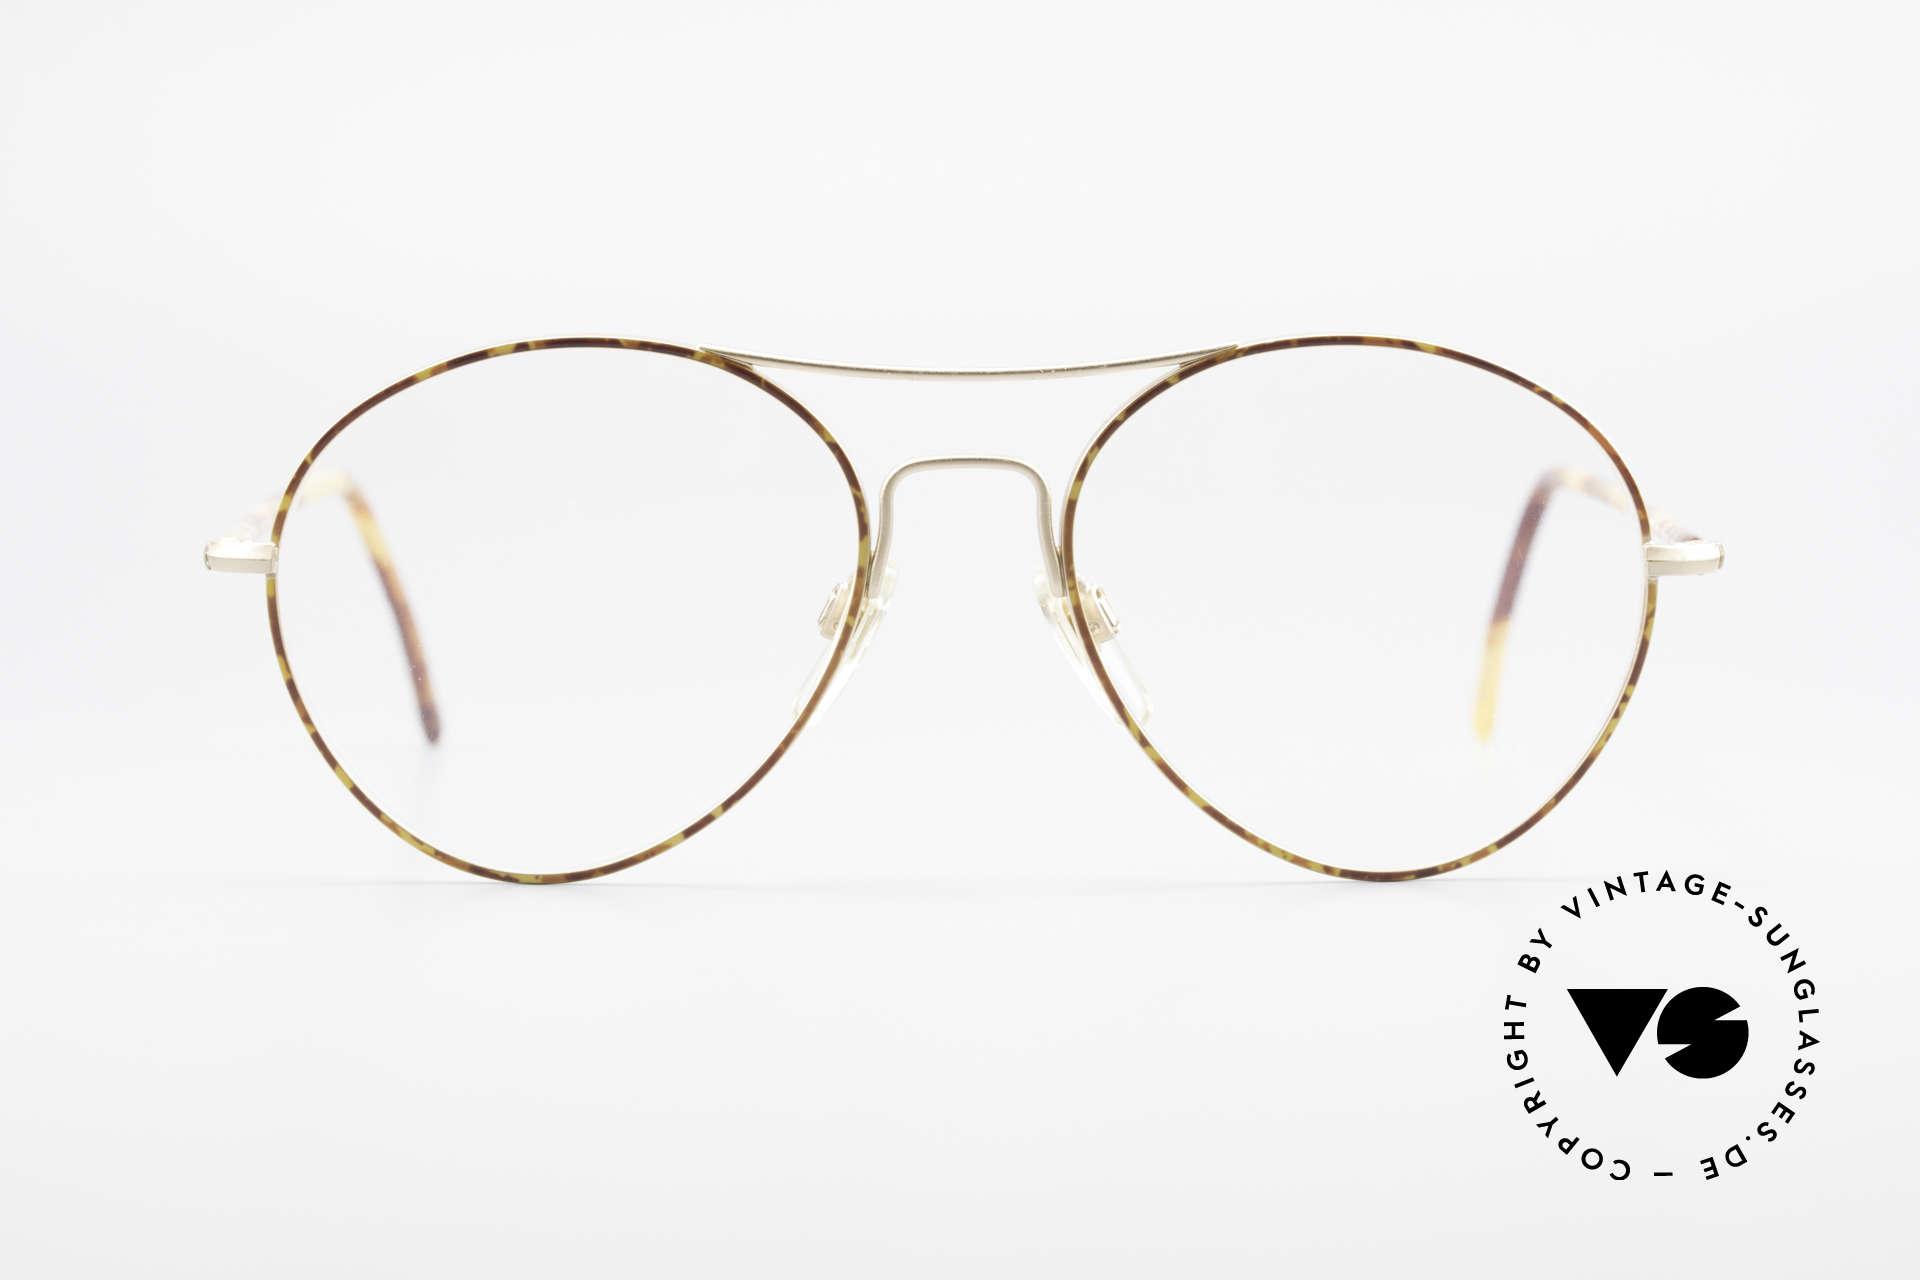 Giorgio Armani 120 Vintage Aviator Brille Herren, matt-goldener Rahmen & Muster in Kastanienbraun, Passend für Herren